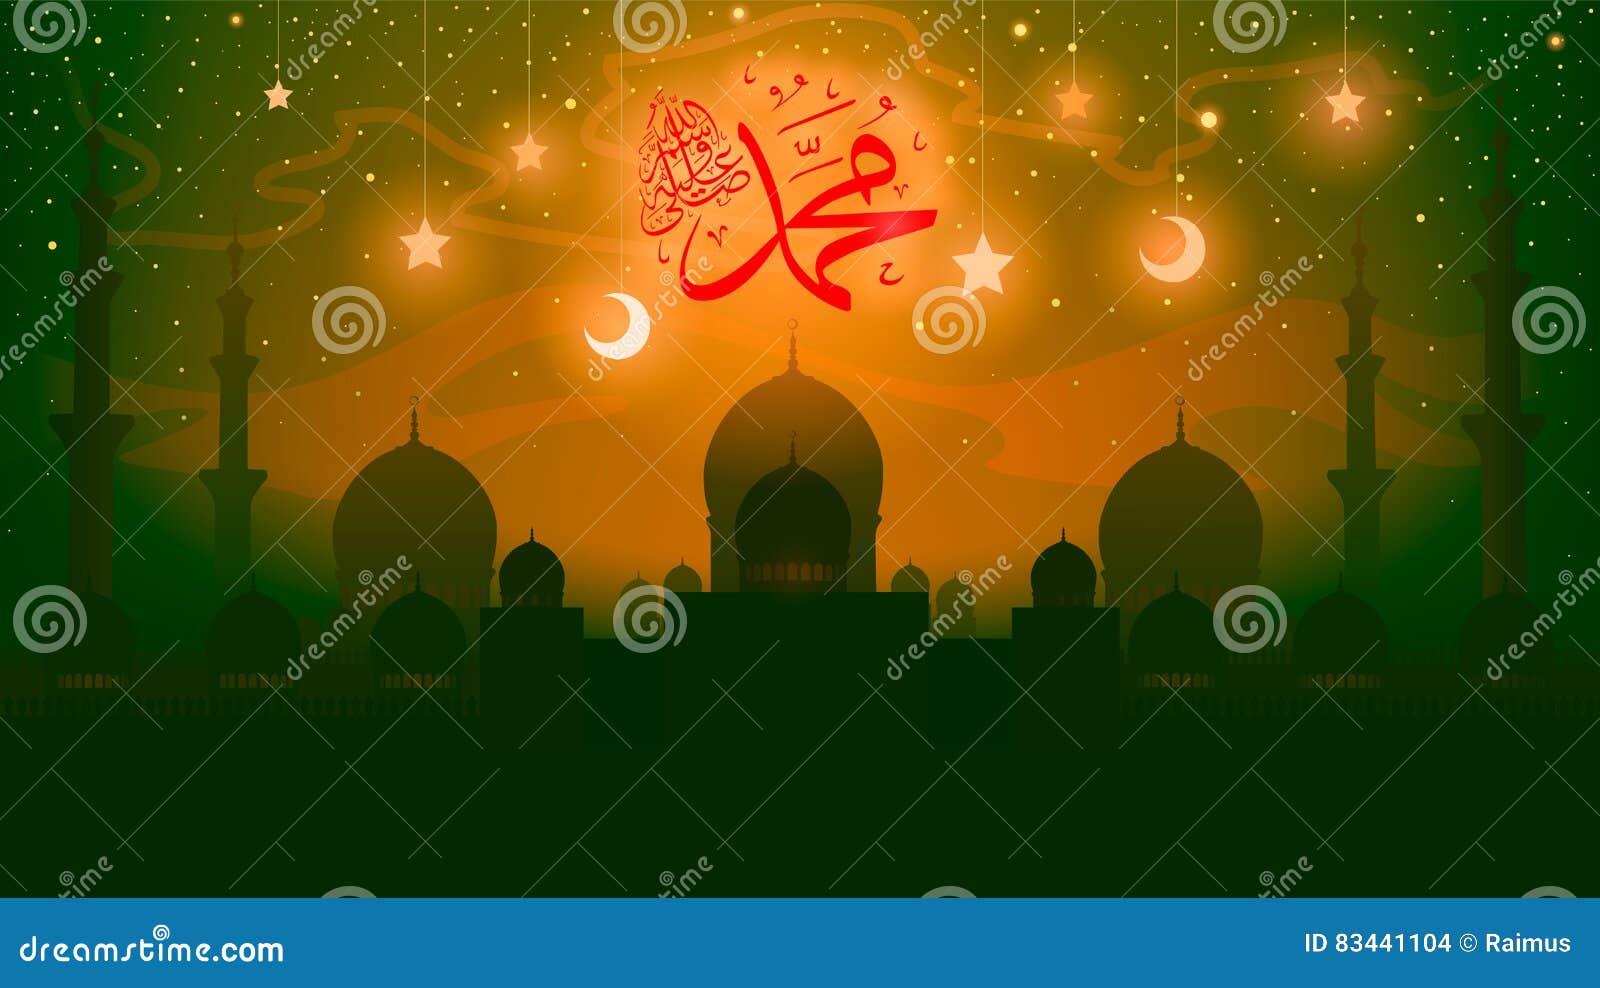 Islam De Verjaardag Van De Vrede Van Helderziendemuhammad Is Op Hem